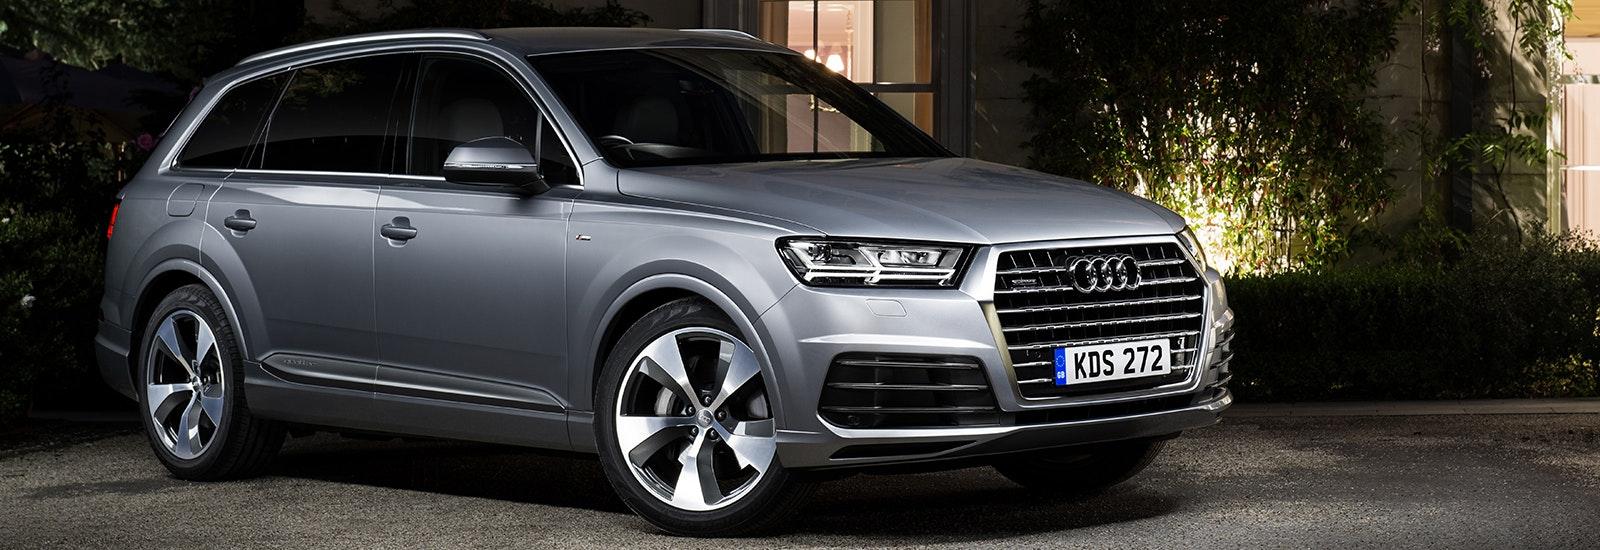 Charmant 1. Audi Q7